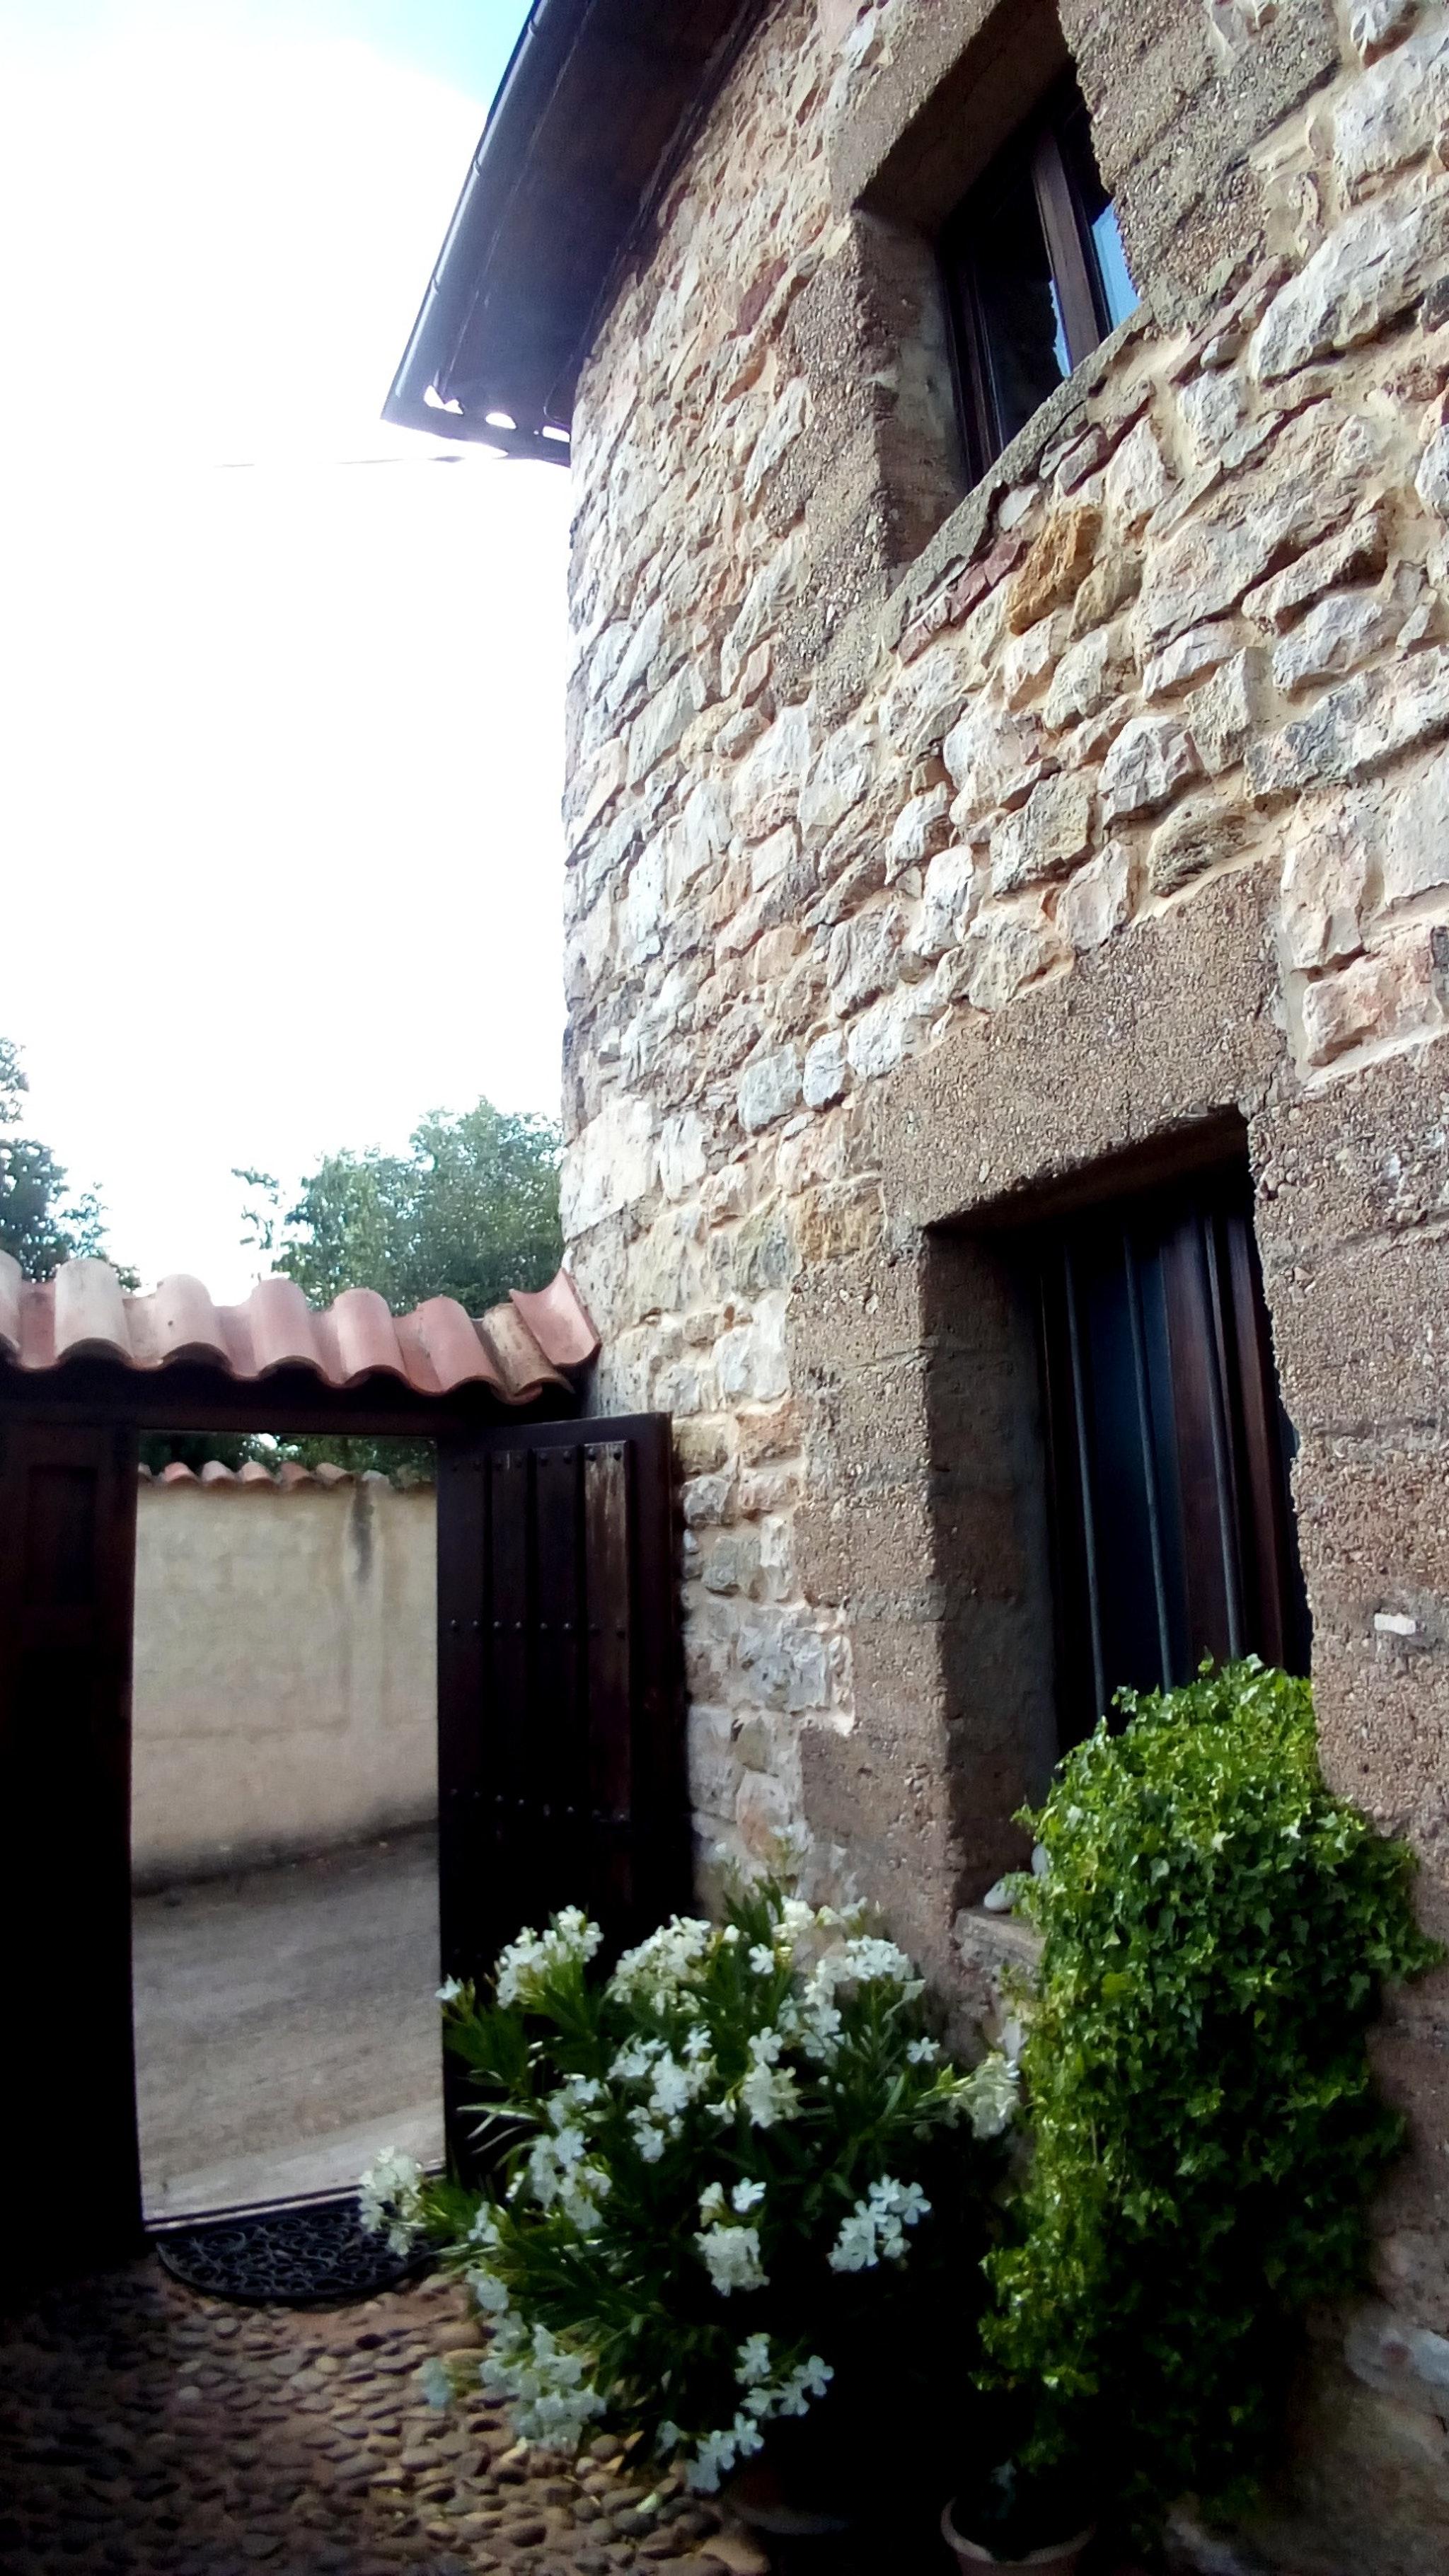 Ferienhaus Haus mit 5 Zimmern in Fuenteodra mit toller Aussicht auf die Berge, eingezäuntem Garten un (2211142), Fuenteodra, Burgos, Kastilien-León, Spanien, Bild 52